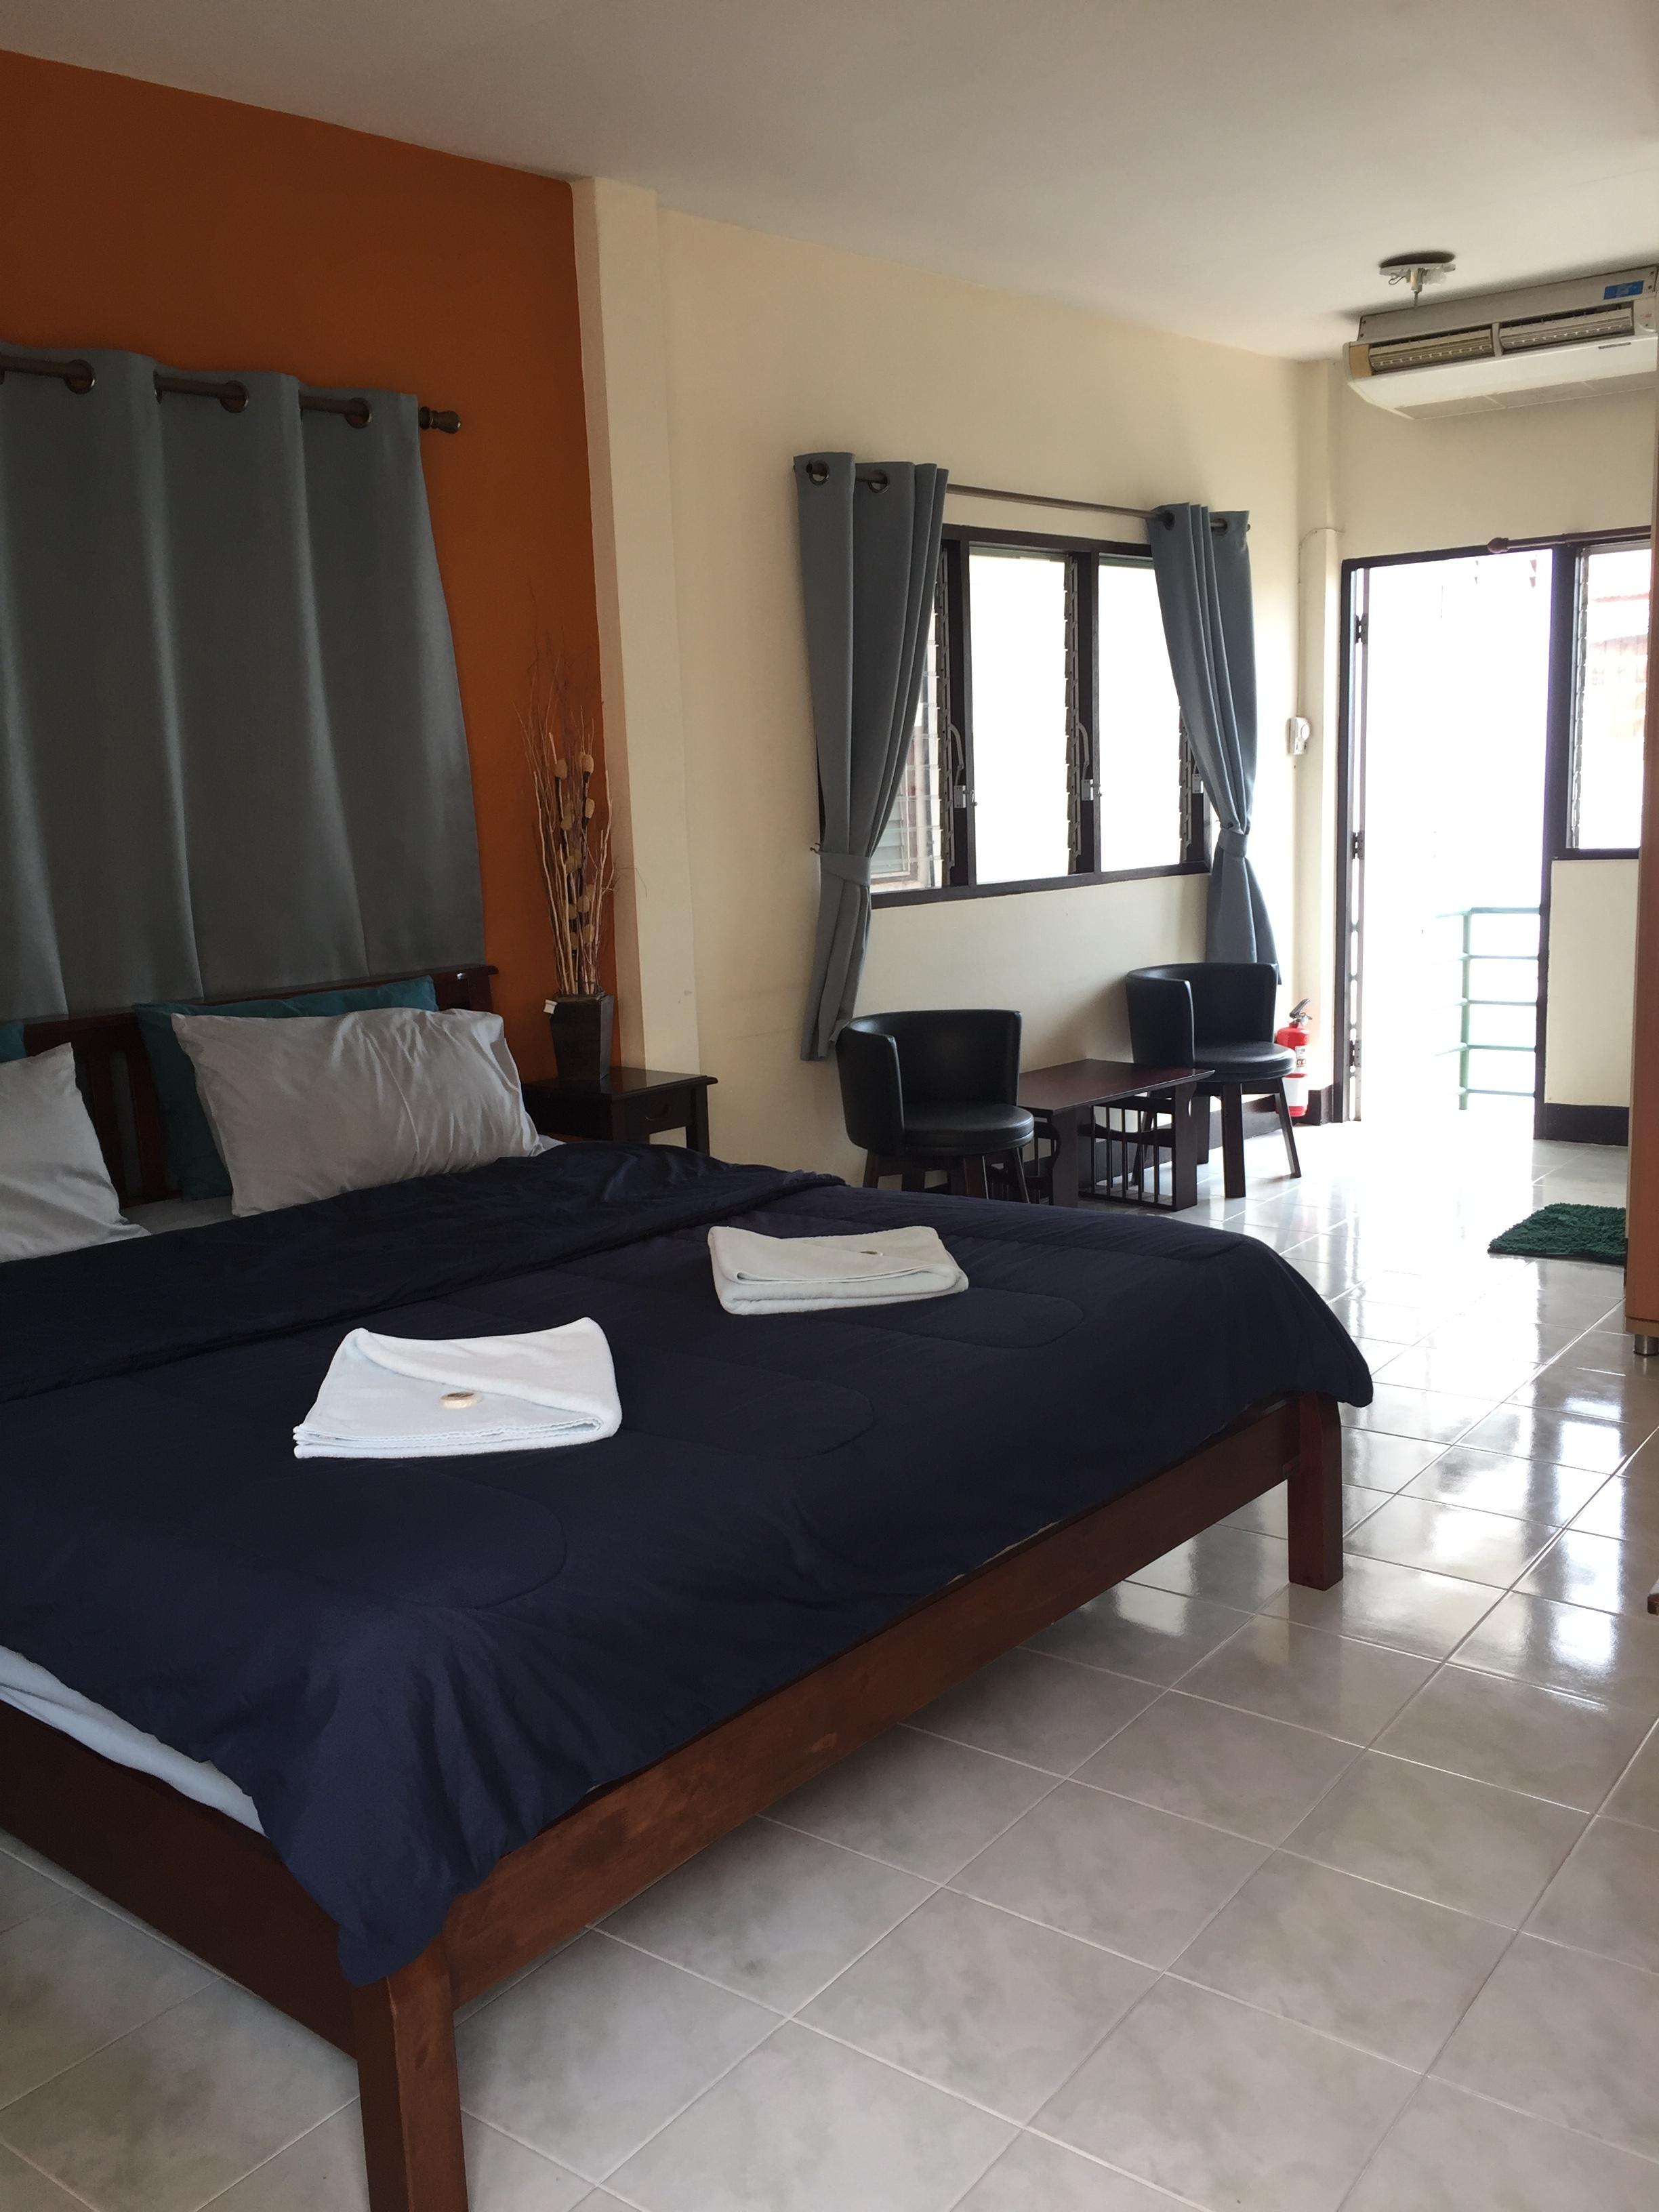 Zimmer I (Standardzimmer)